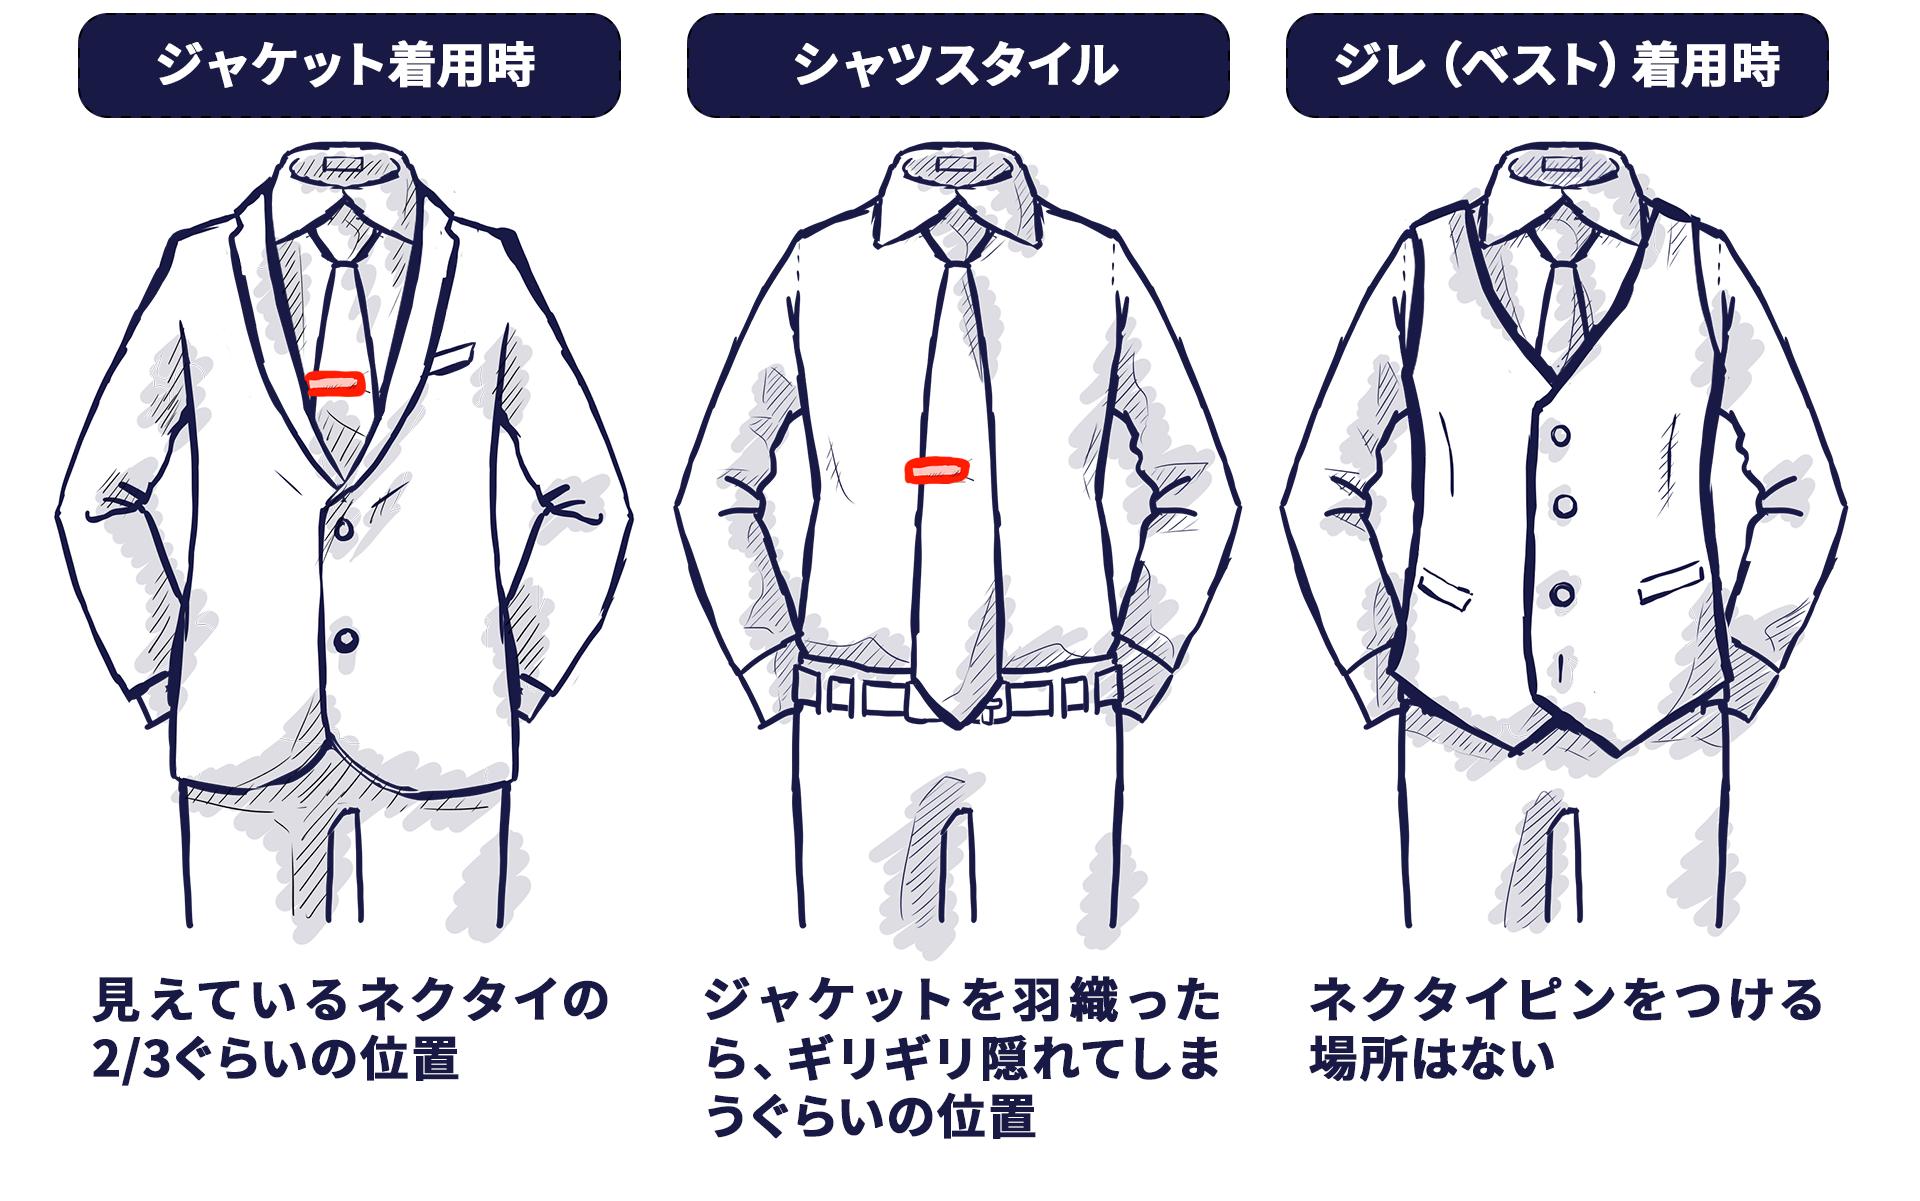 ジャケットを着ているときのネクタイピンは、ネクタイの3分の2ぐらいの位置。シャツスタイルのときは、ジャケットをきたときに丁度隠れるぐらいの位置。ジレ(ベスト)を着た時はネクタイピンをつけません。